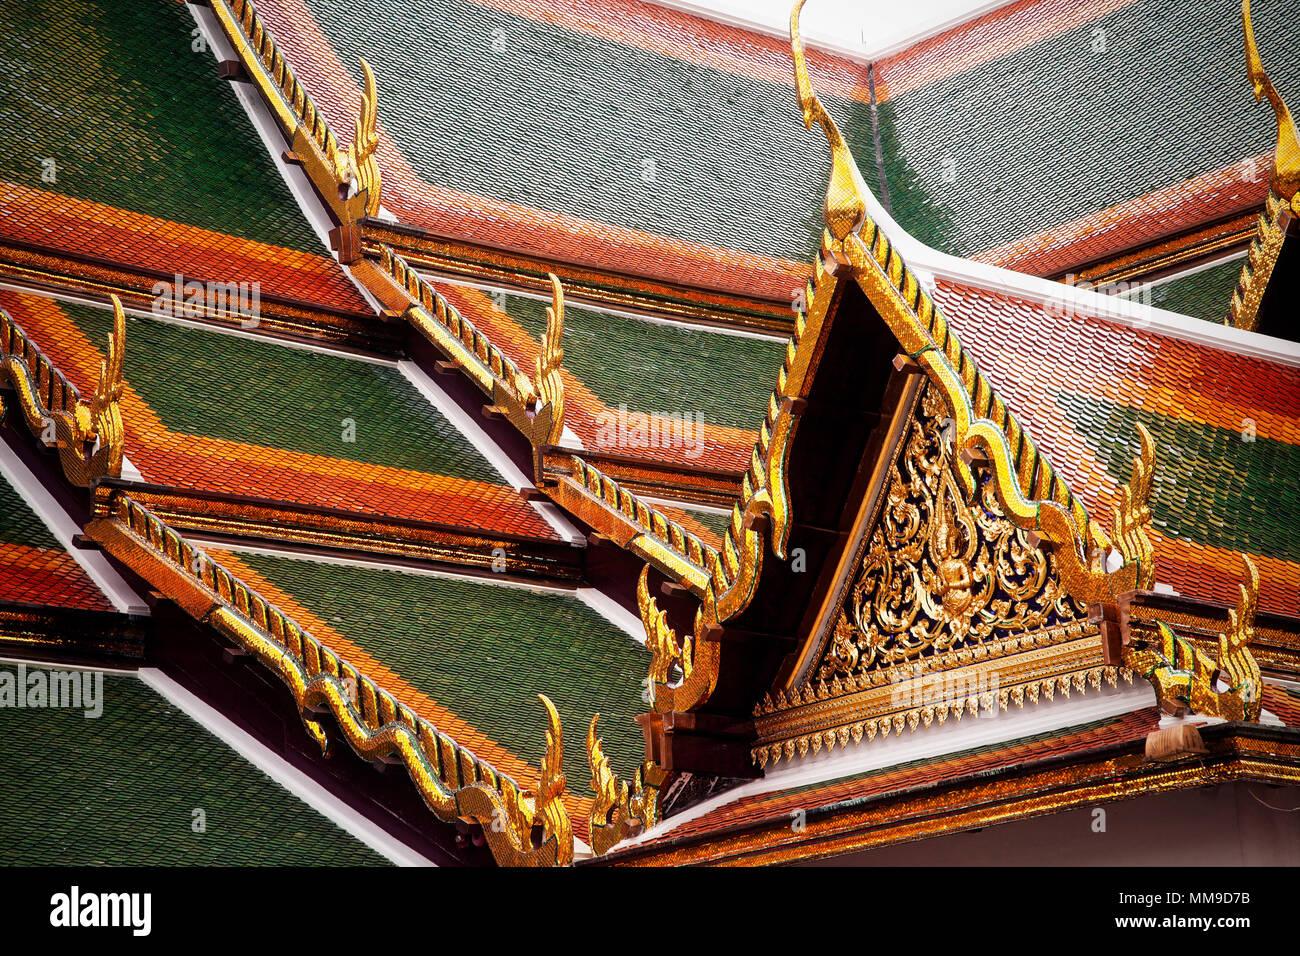 Le piastrelle tetto decorativo del Tempio del Buddha di Smeraldo o Uboseth nel Grand Palace complesso, Bangkok, Thailandia. Immagini Stock